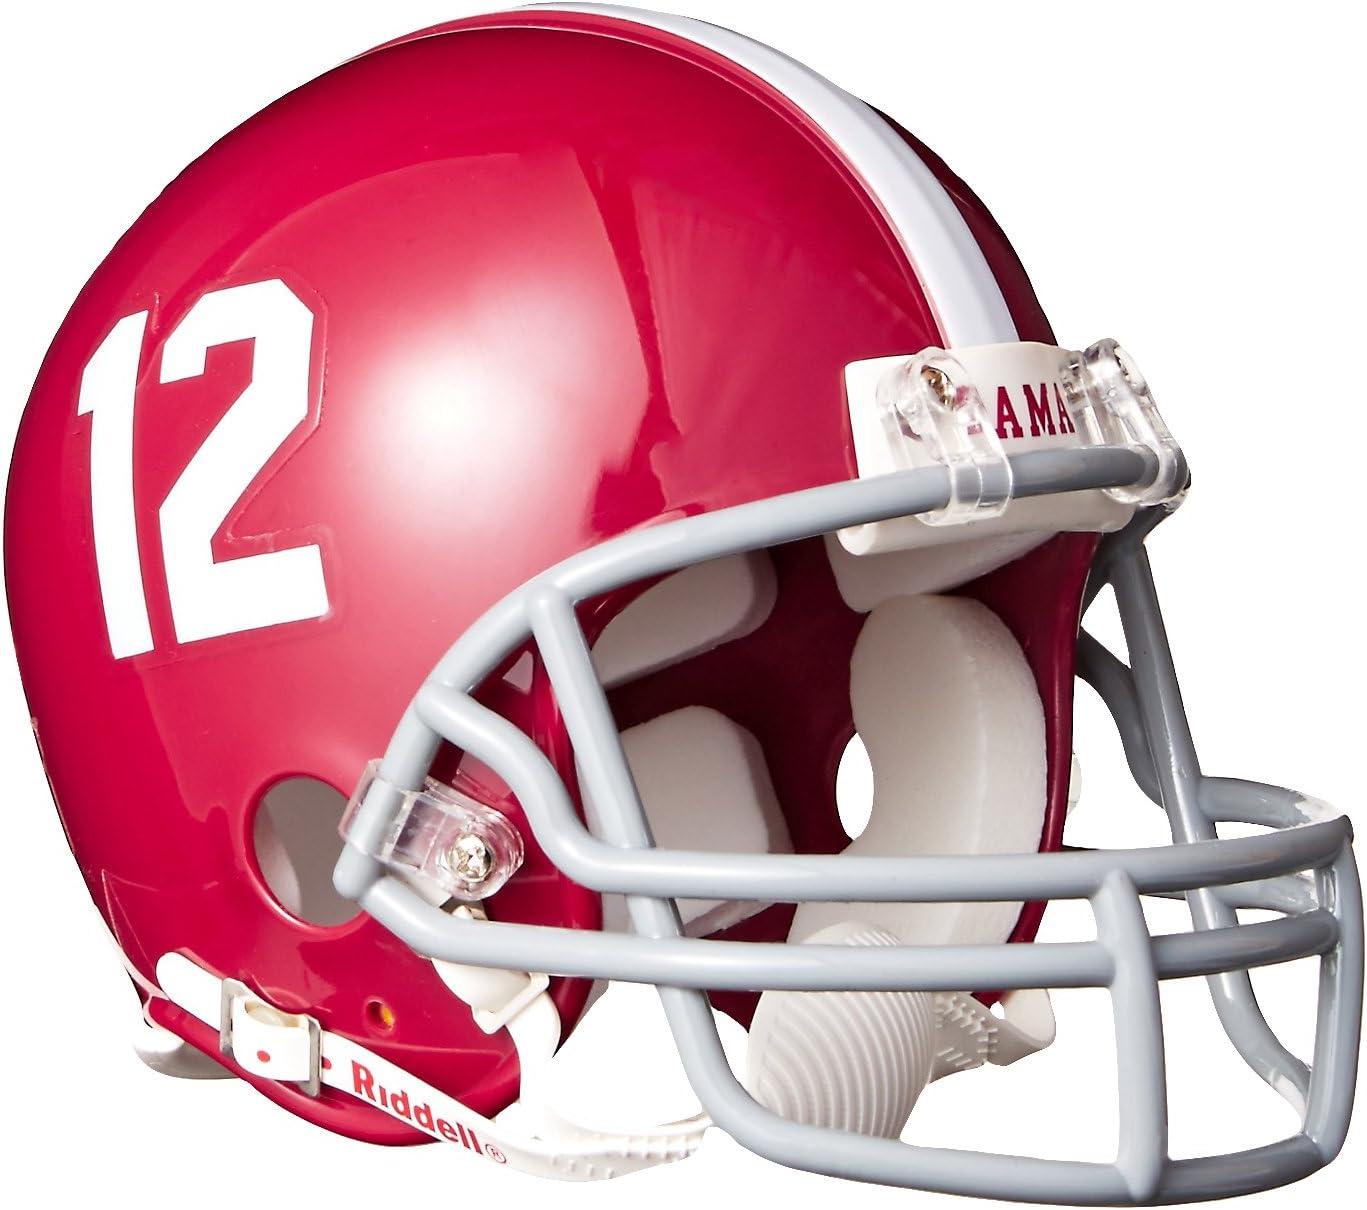 B0000ASV4F Riddell Alabama Crimson Tide Replica Mini Helmet 71Ojbuo4WTL